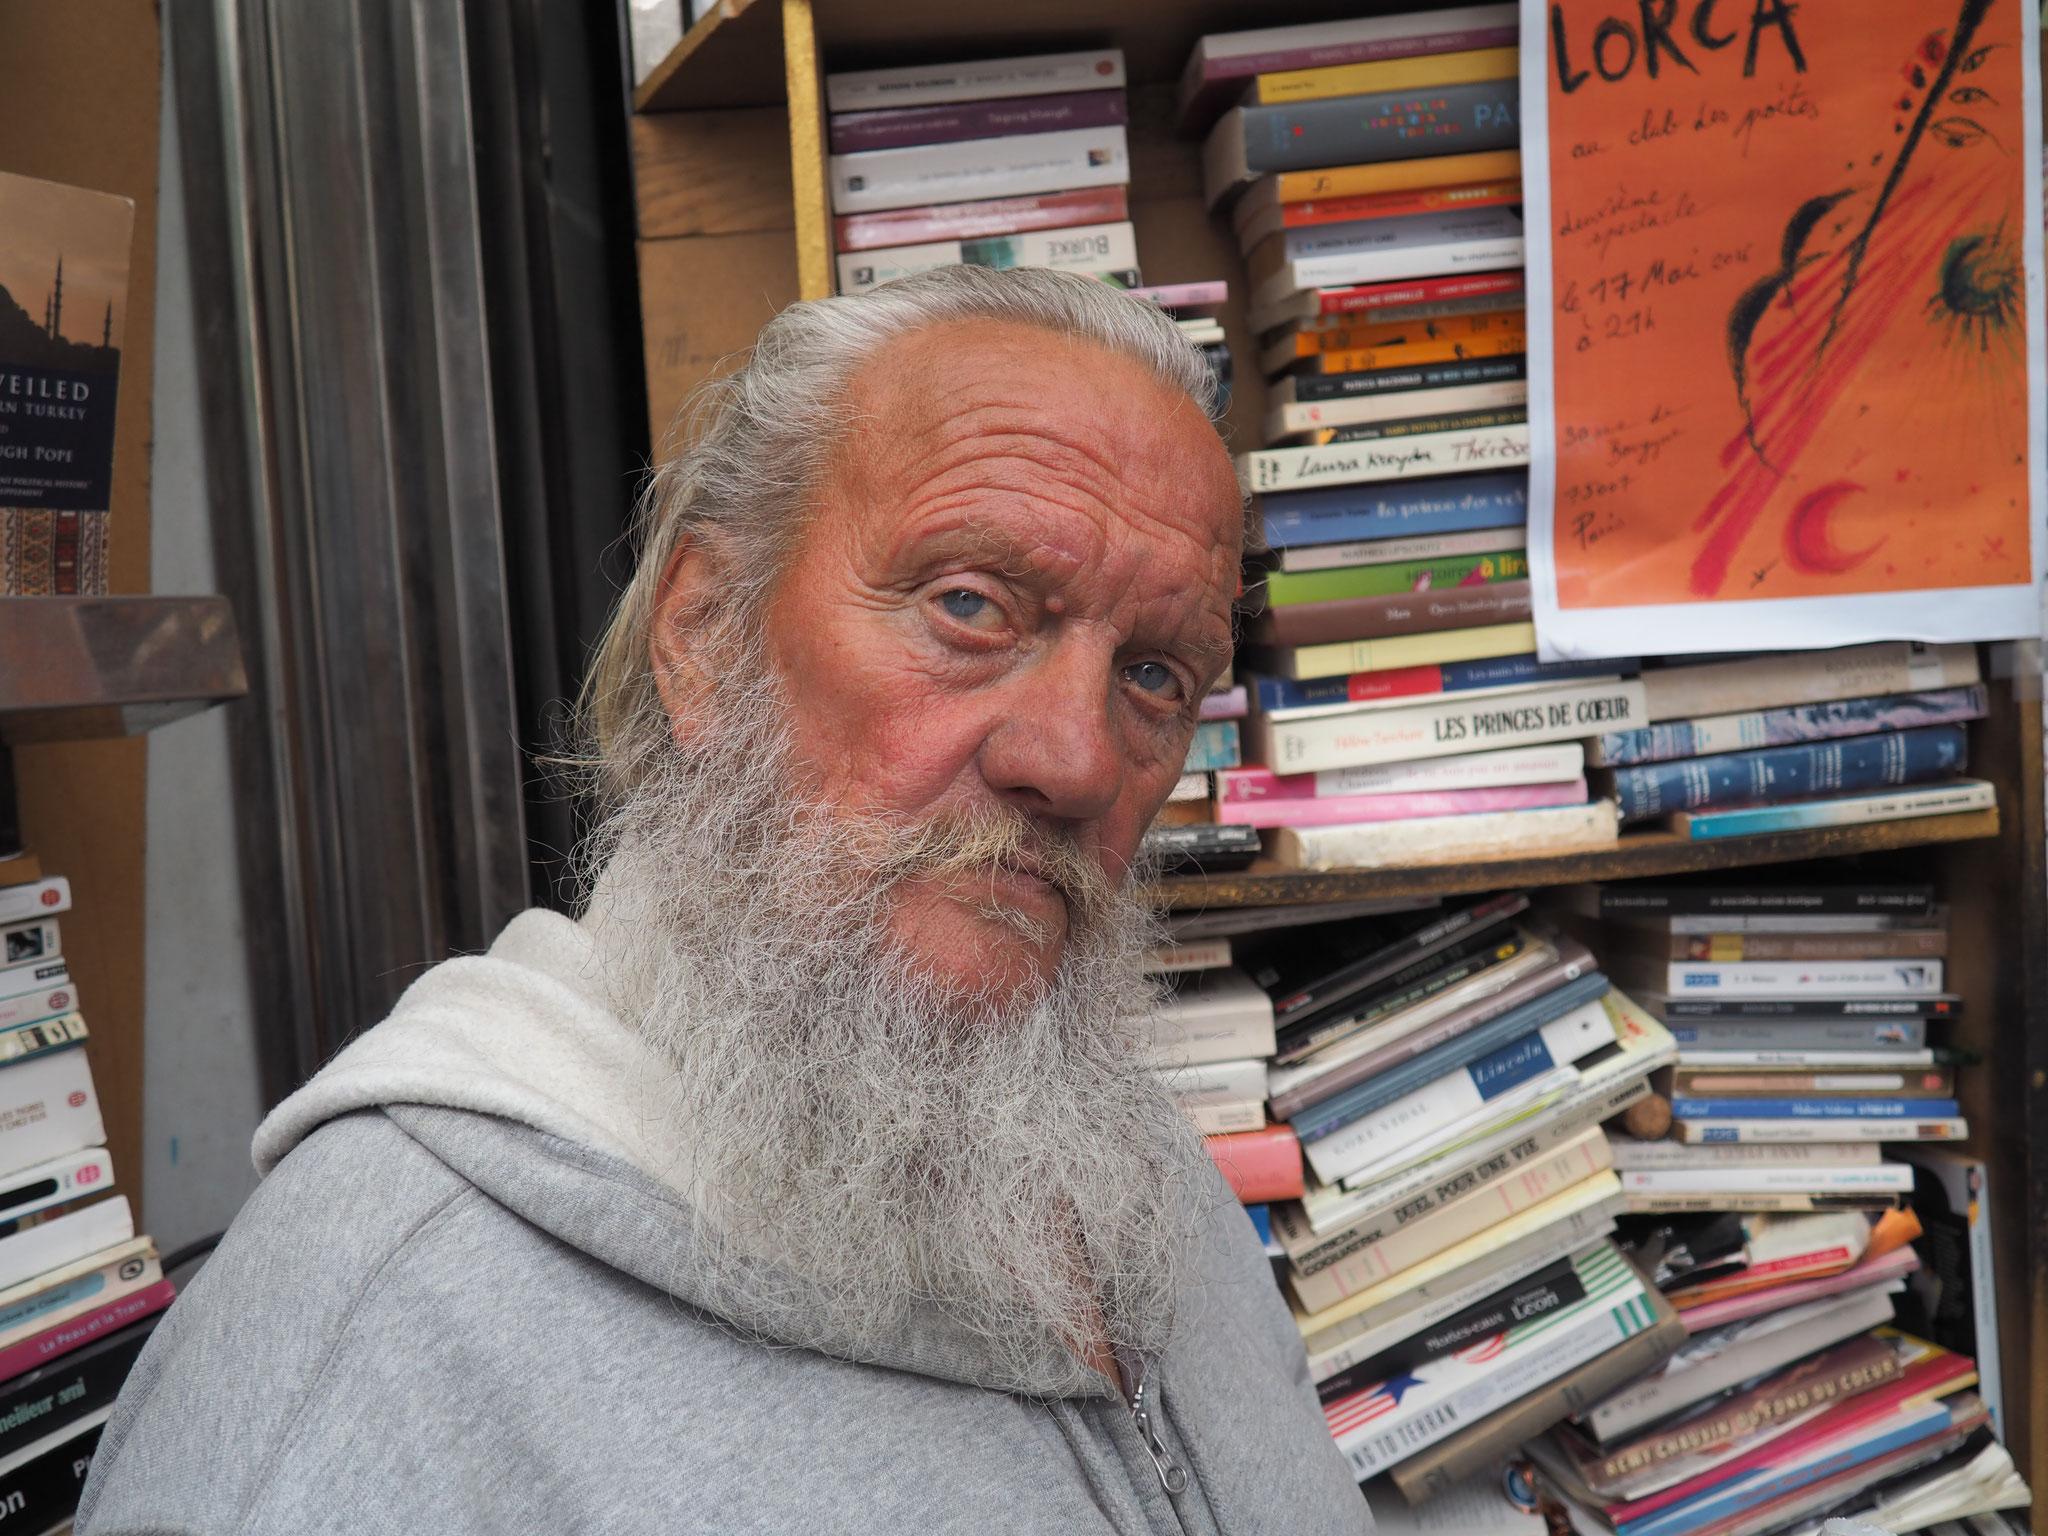 Hary Potter, polars ou romans anglophones s'entassent dans le kiosque